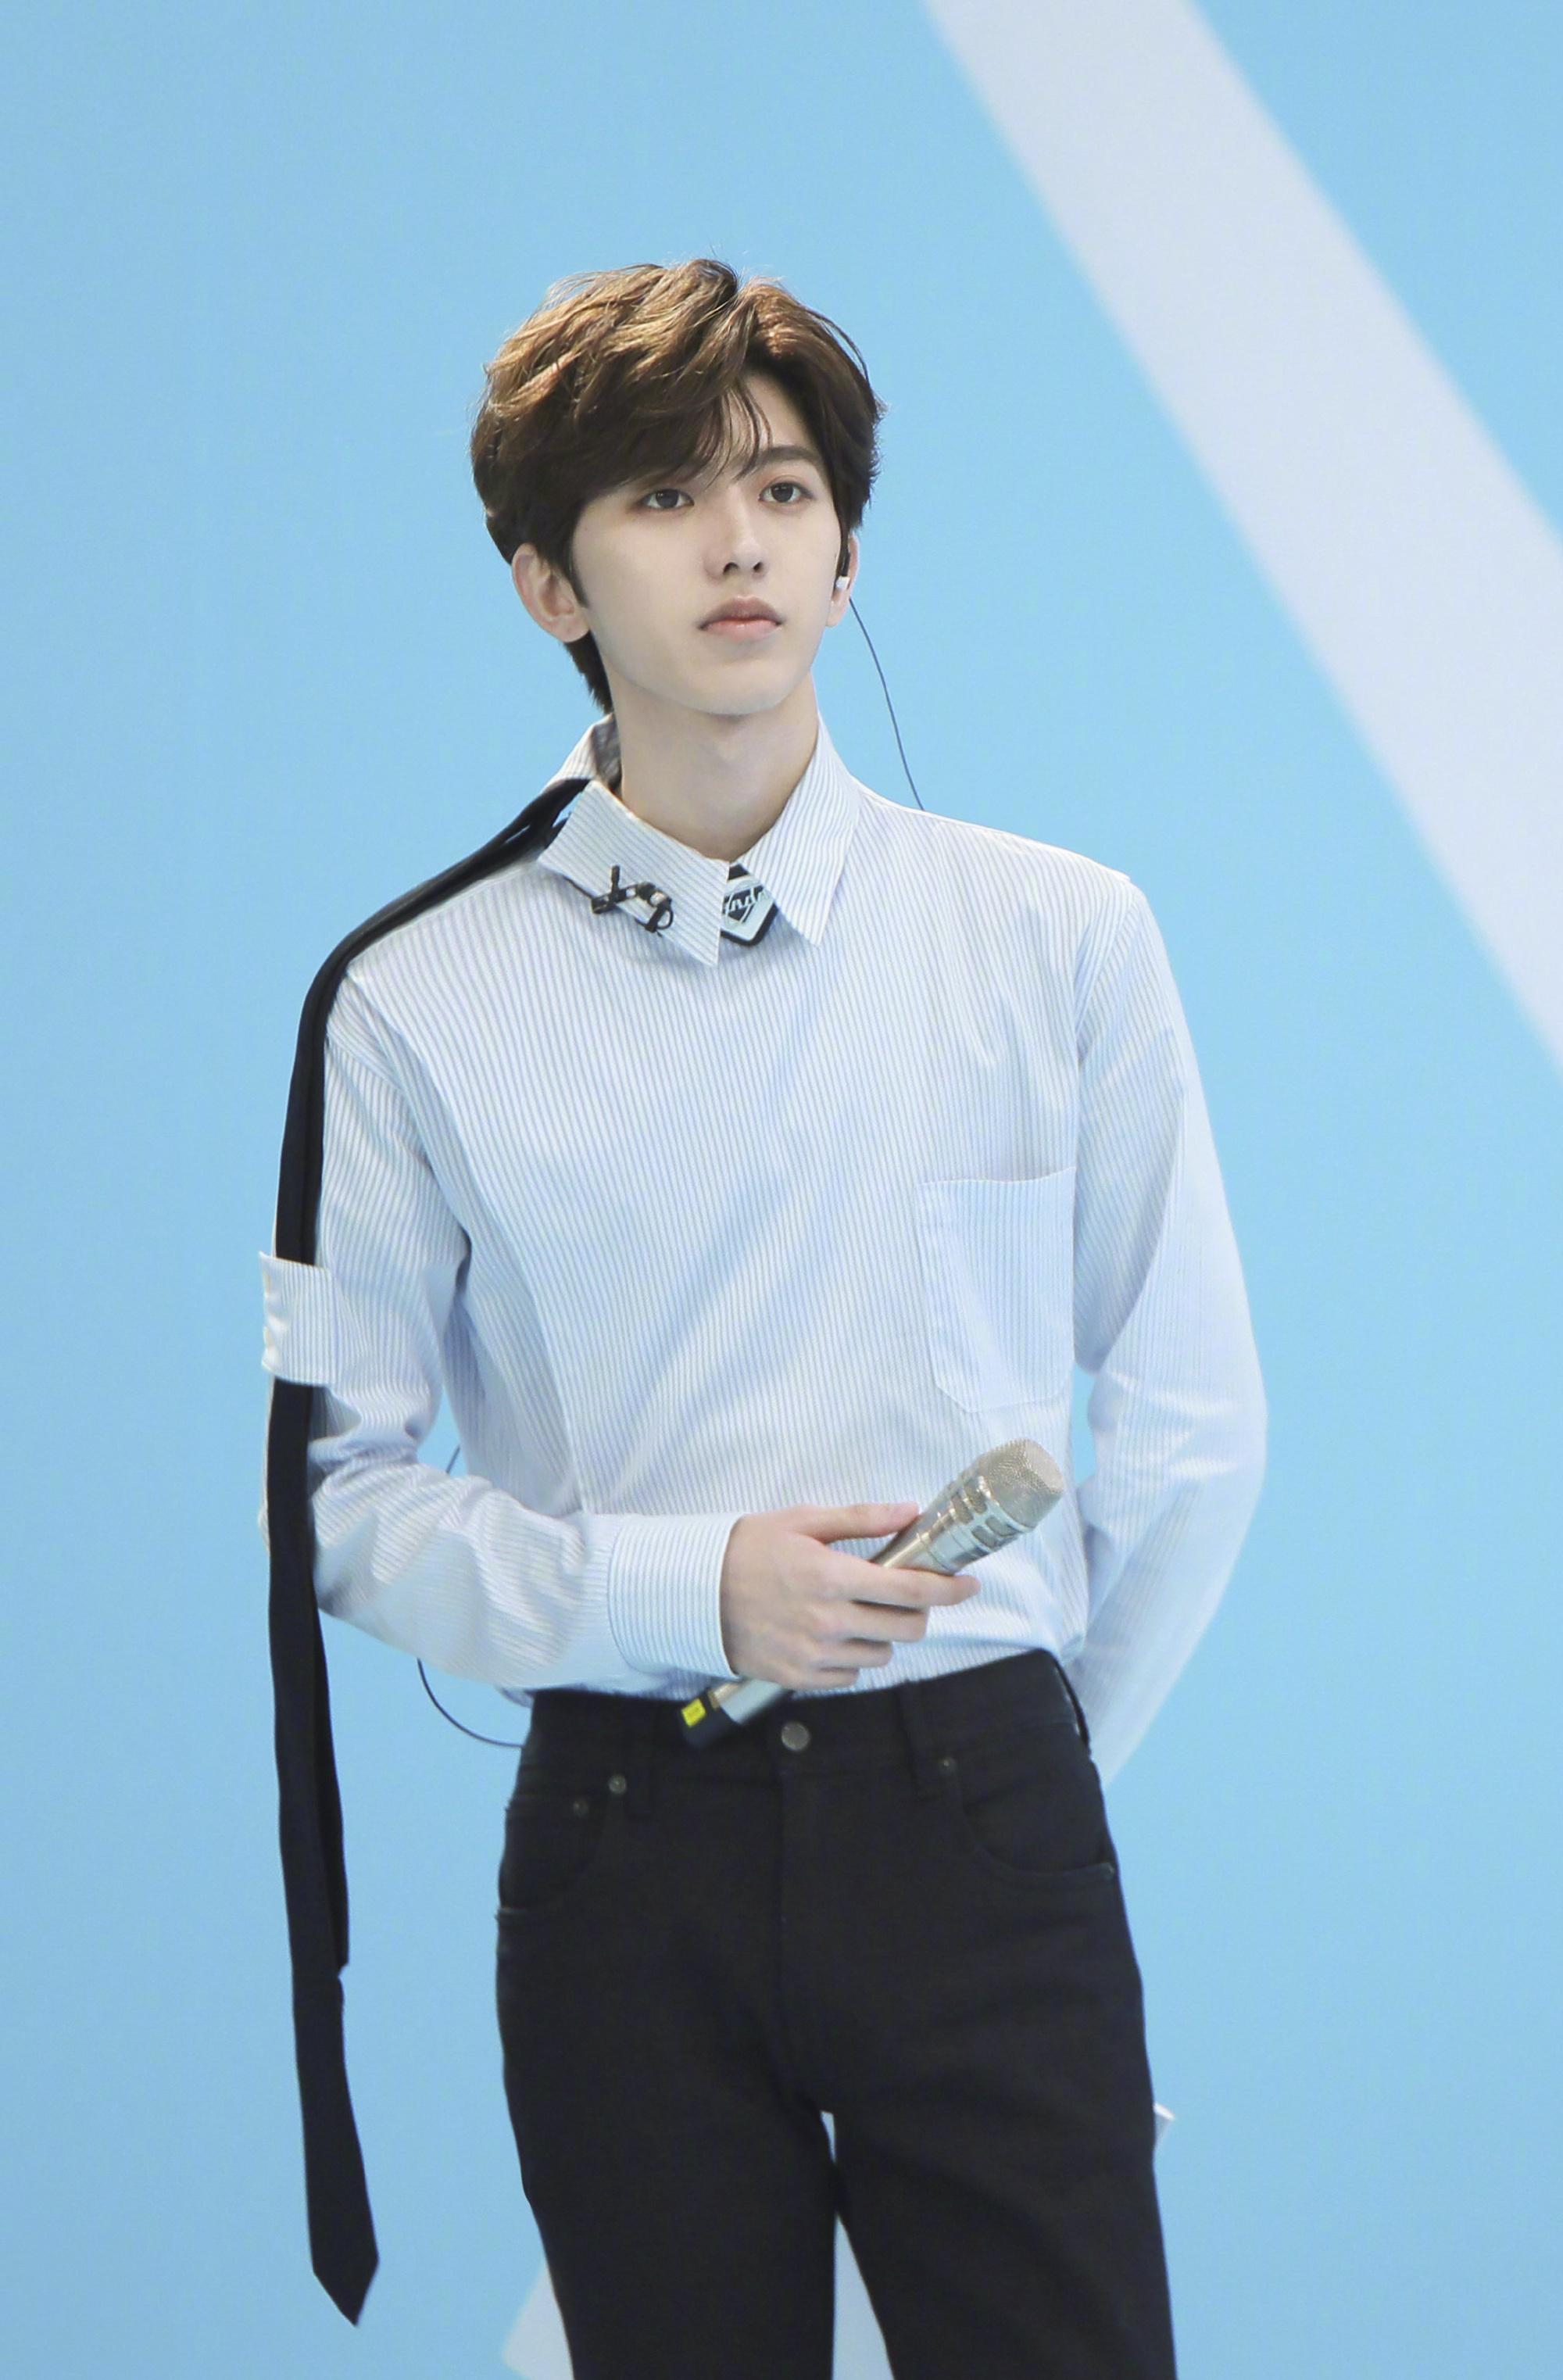 明星超话排行榜新一期榜单公布,蔡徐坤再次登顶